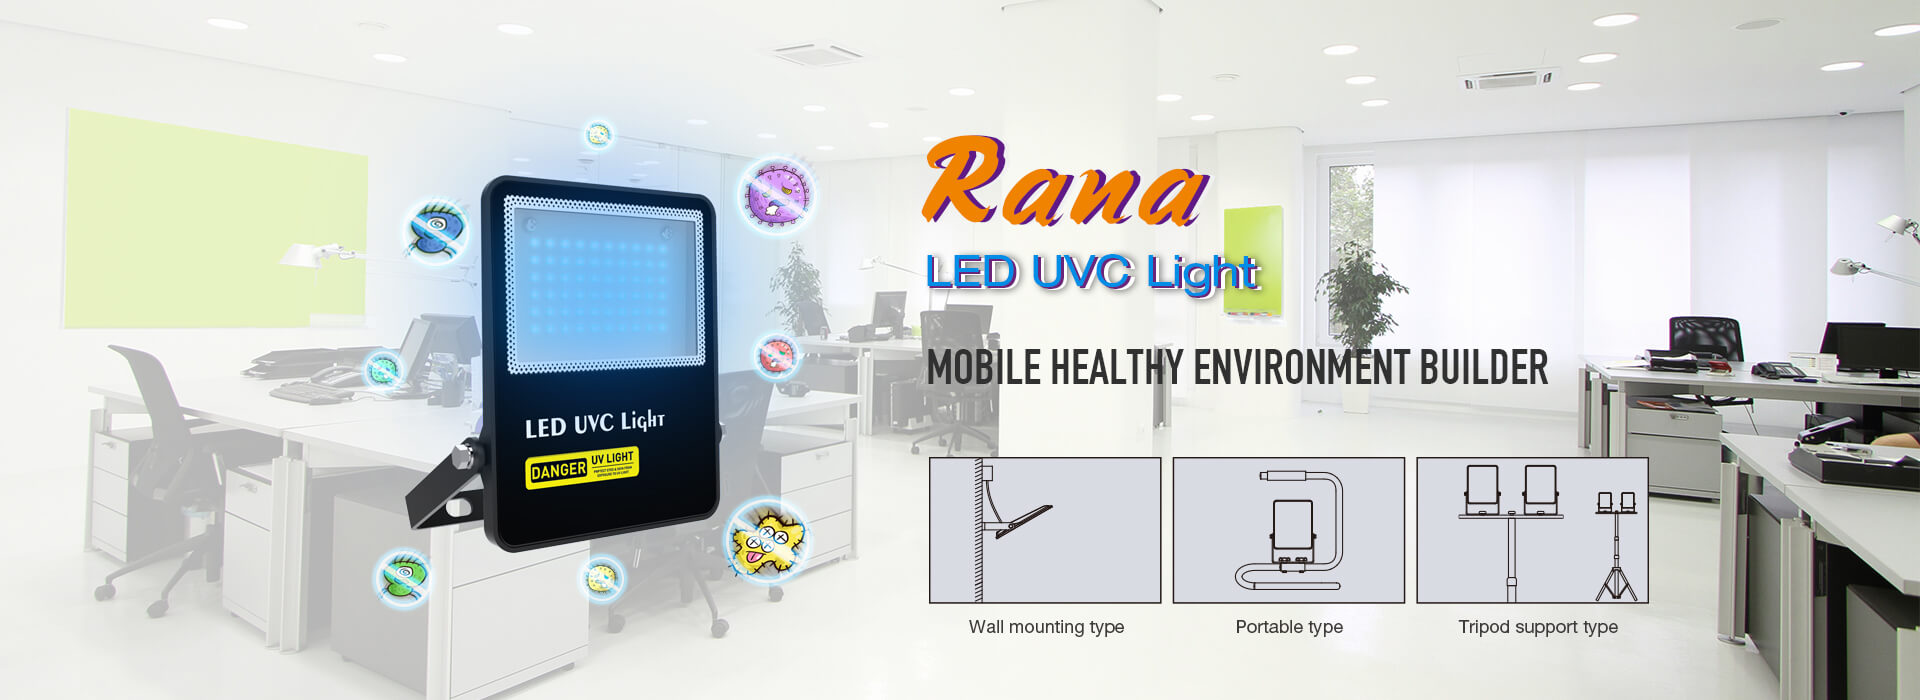 Rana LED UVC Light